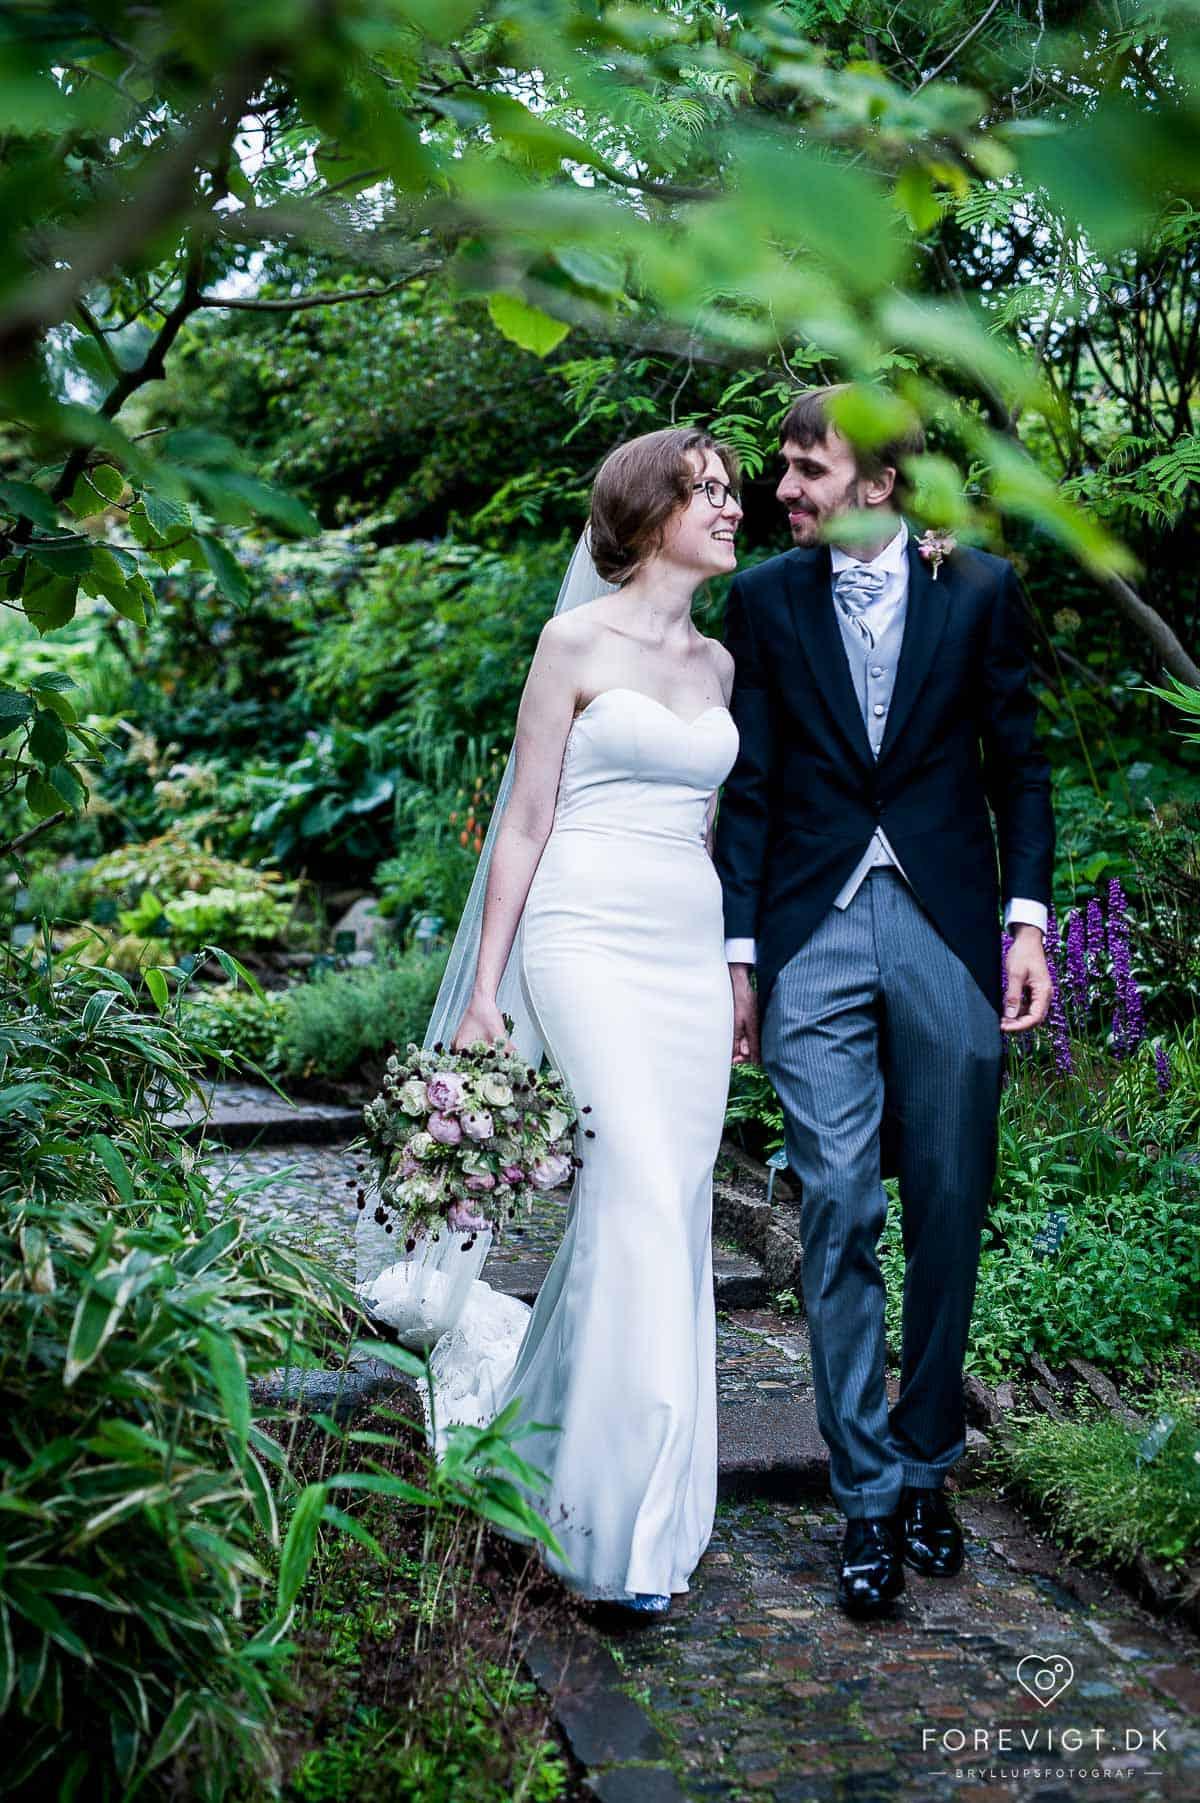 Find fotograf til bryllup i København. Bedste bryllupsfotograf :)